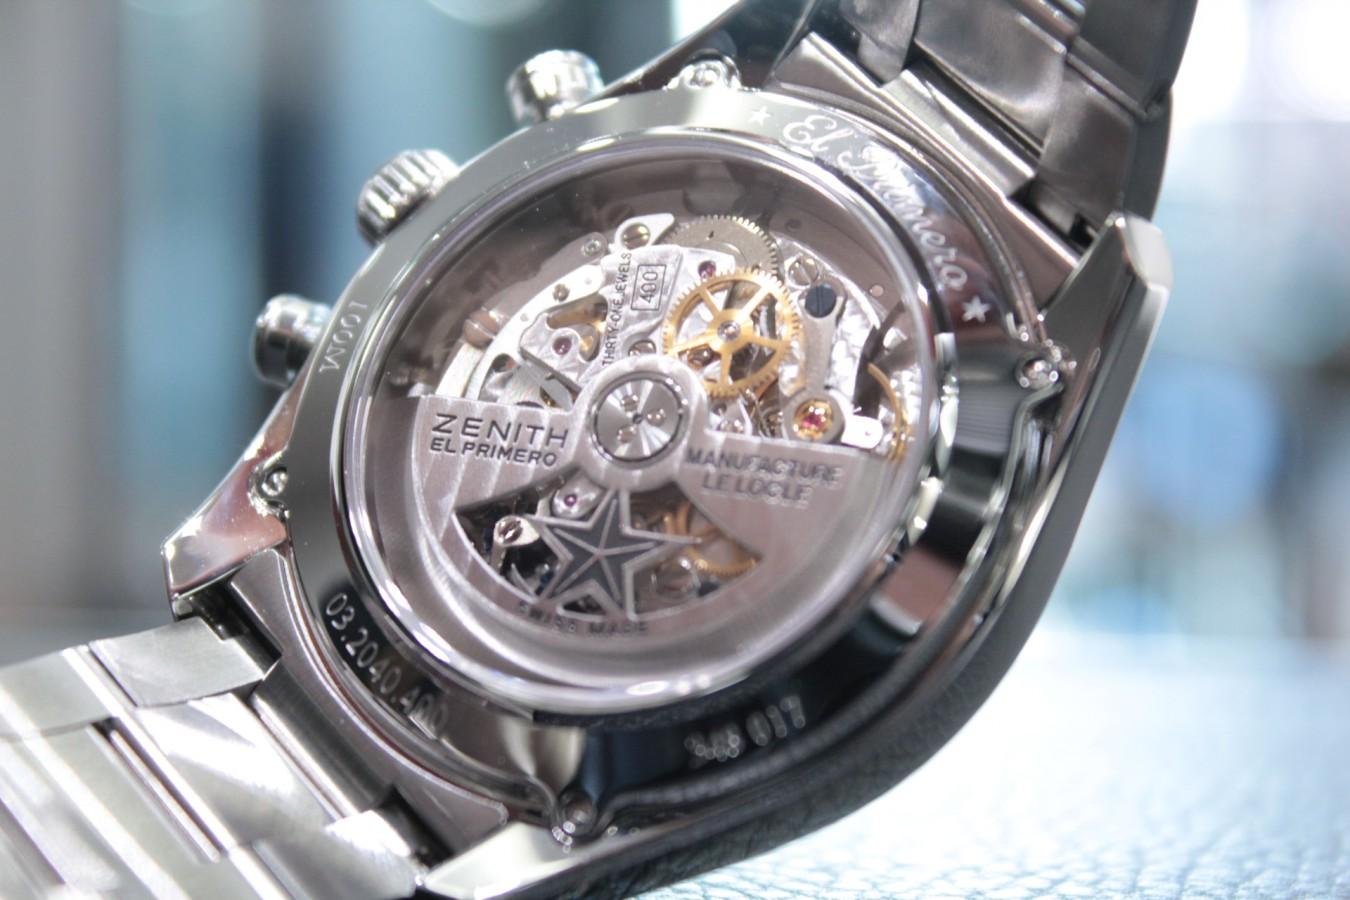 IMG_6257 生産終了のグレーダイヤル!マルチカラーの【エルプリメロ 42mm】 - CHRONOMASTER